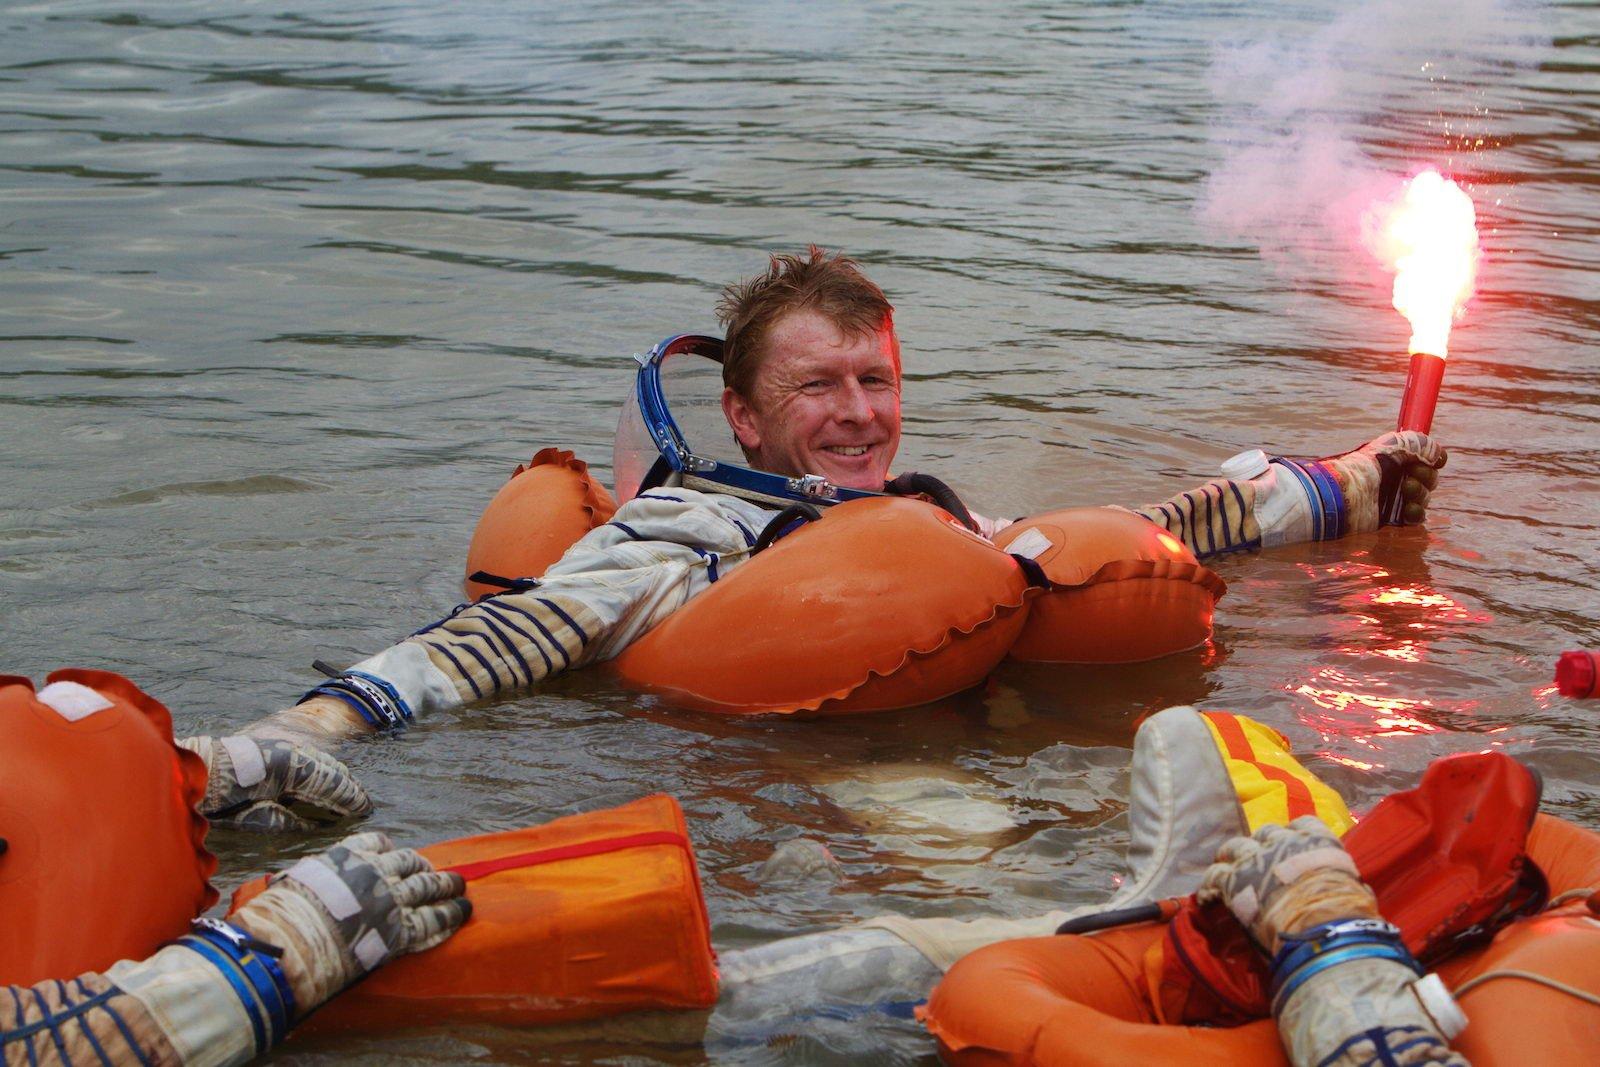 """Timothy Peake beim Überlebenstraining im Wasser in der Nähe des russischen """"Sternenstädtchens"""". Das Überlebenstraining ist ein wichtiger Teil aller Sojus-Trainings, denn bei der Rückkehr zur Erde gibt es immer die Möglichkeit, dass die Sojus-Kapsel im Wasser landet."""